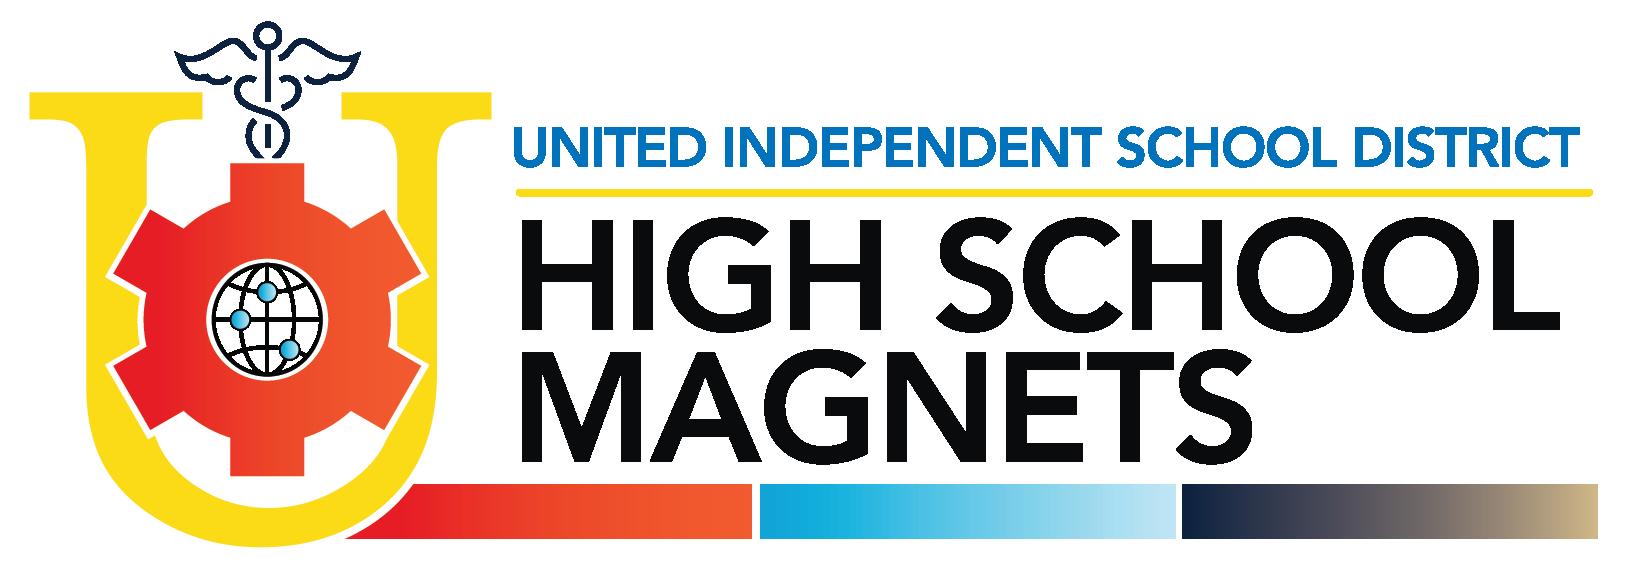 magnet schools banner